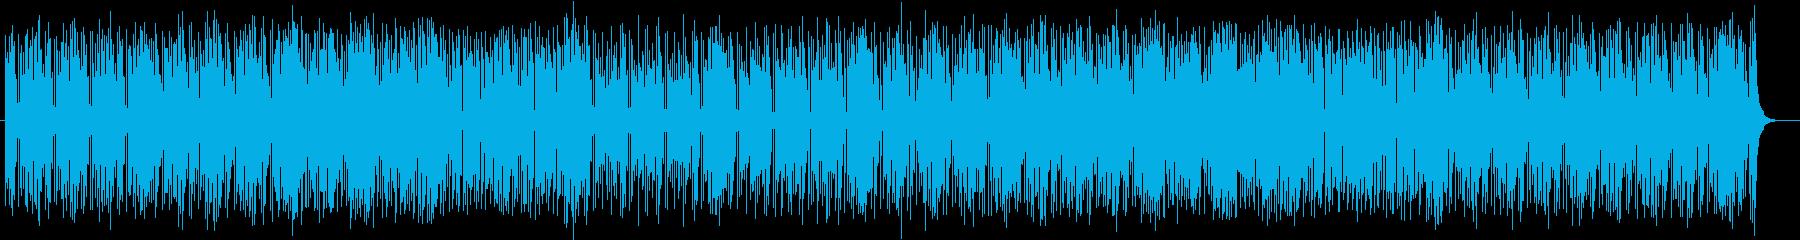 元気で楽しいファンファーレポップスの再生済みの波形